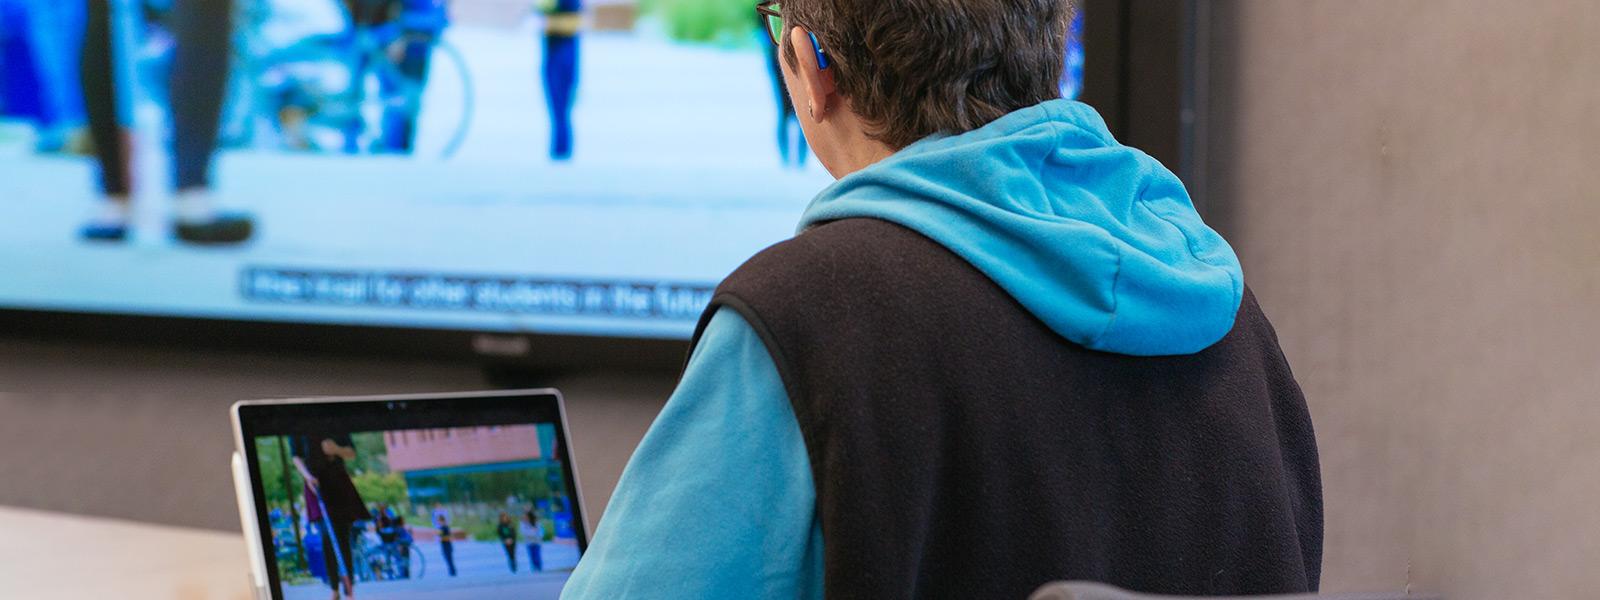 一名使用助听器的女子,观看带有字幕的视频演示